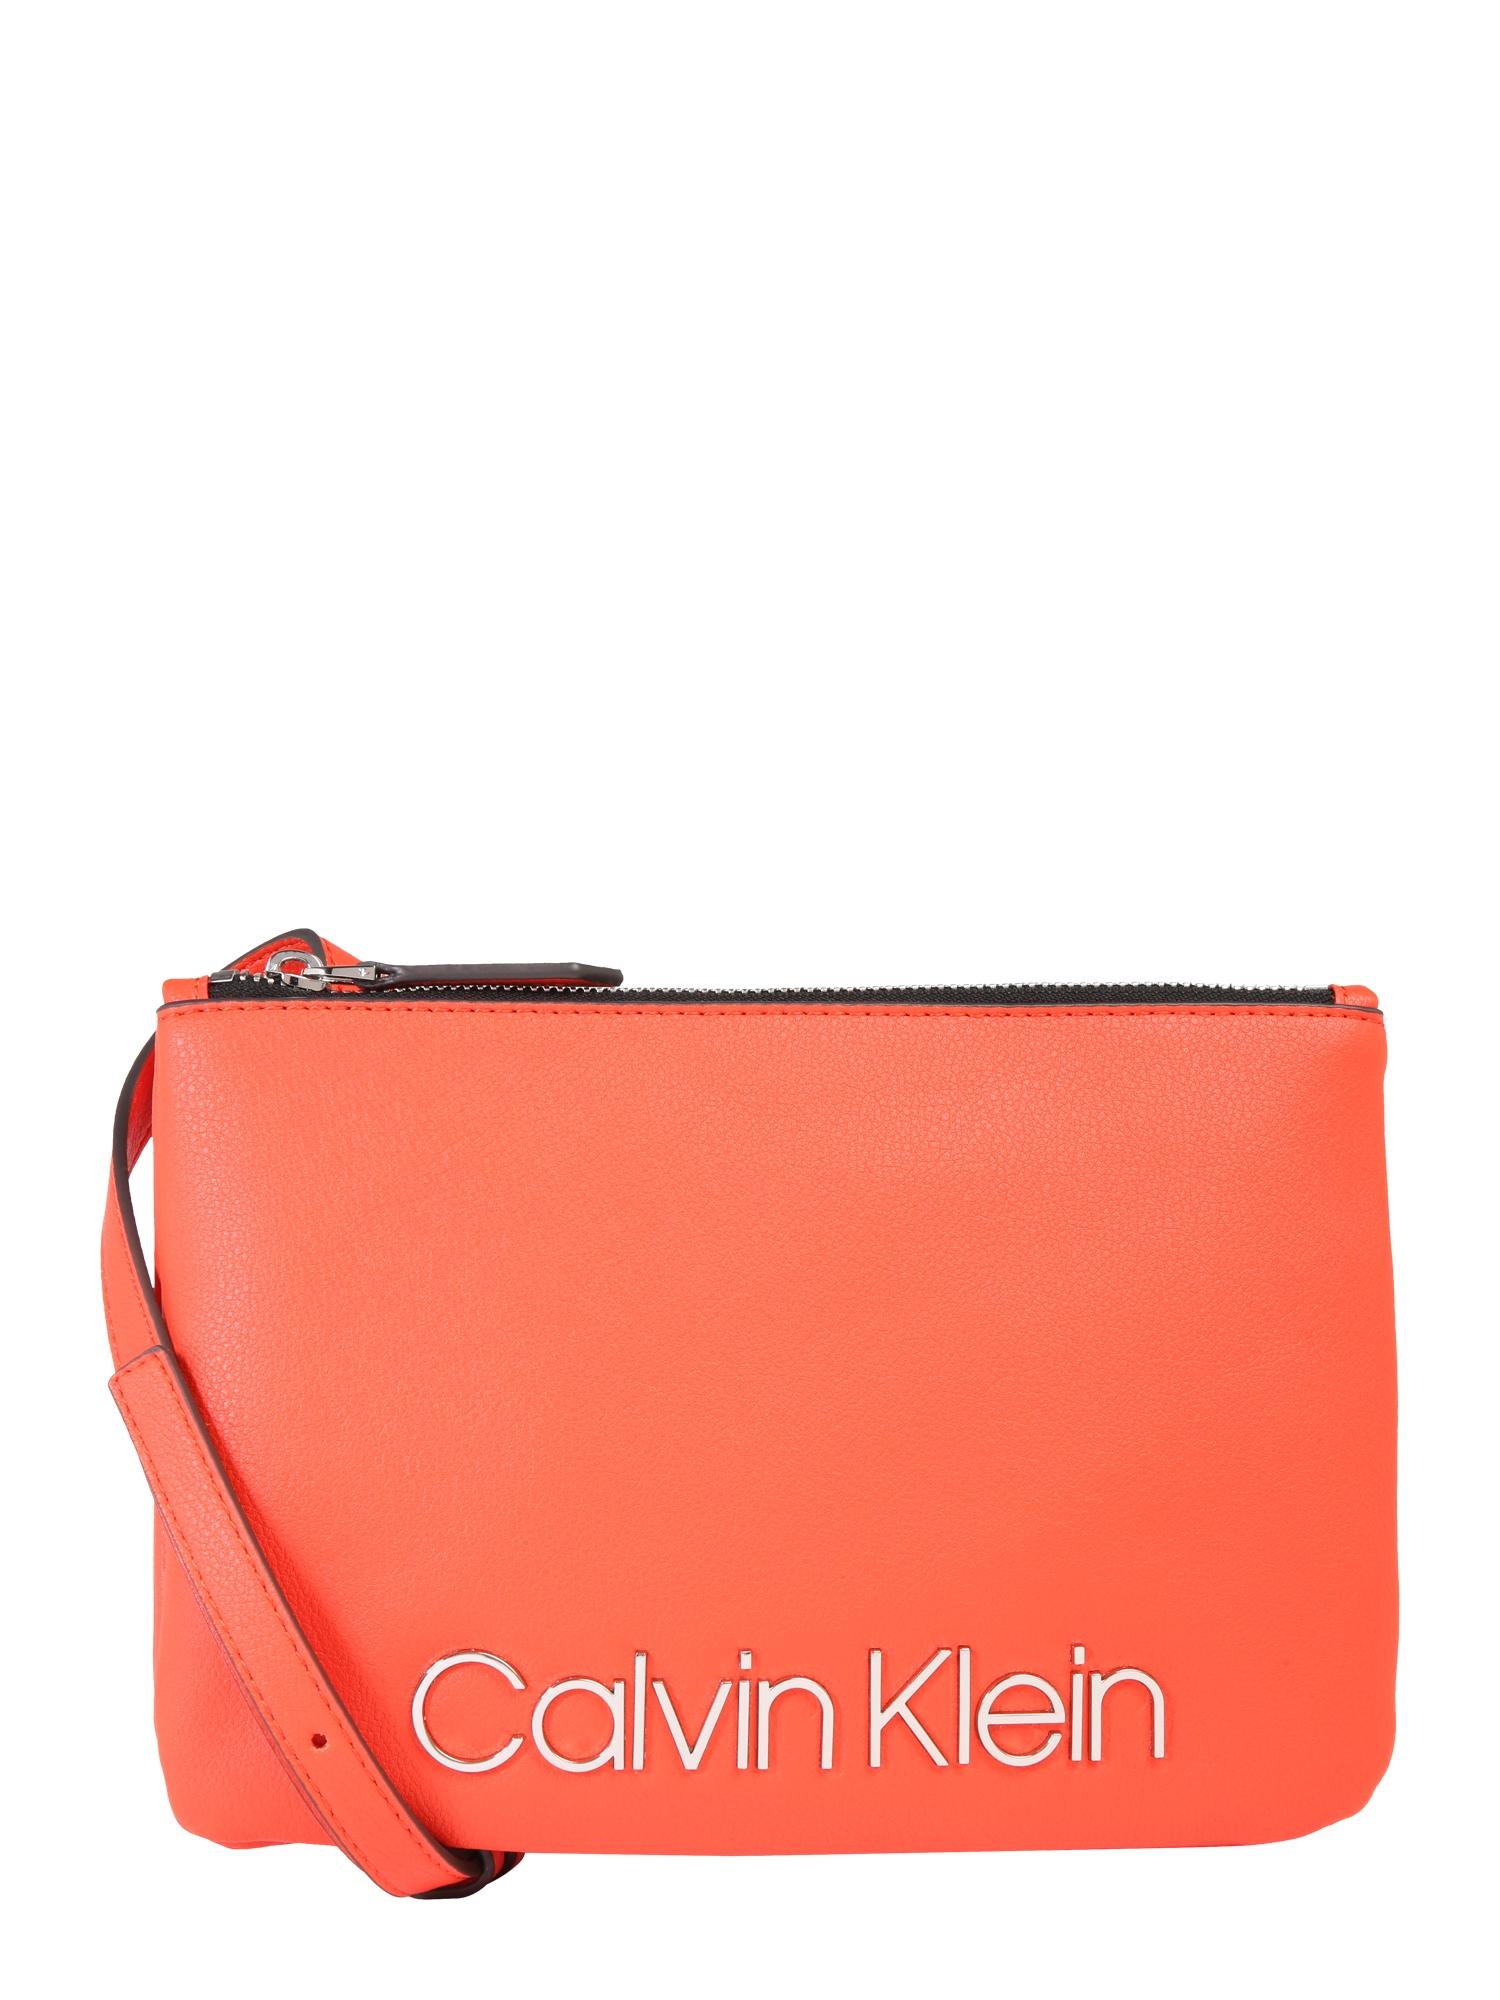 Taška přes rameno CK MUST CROSSOVER oranžová Calvin Klein